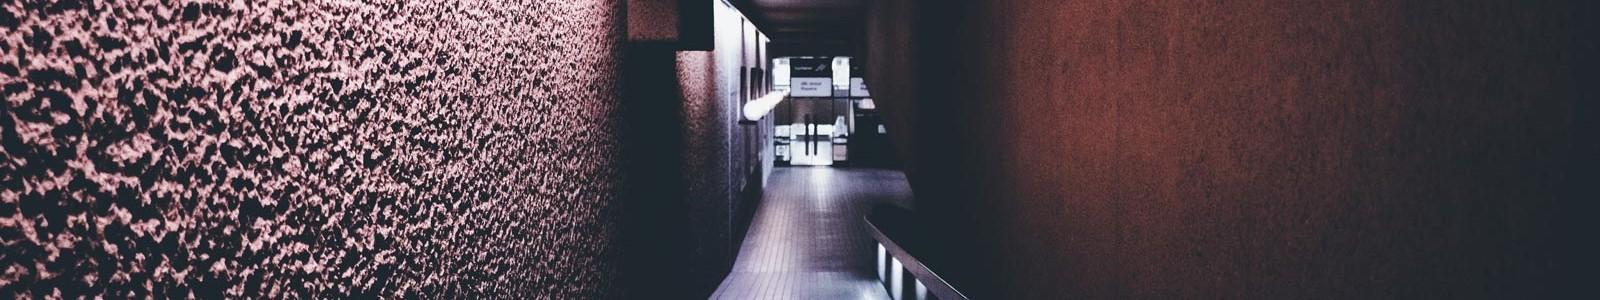 London Barbican Centre